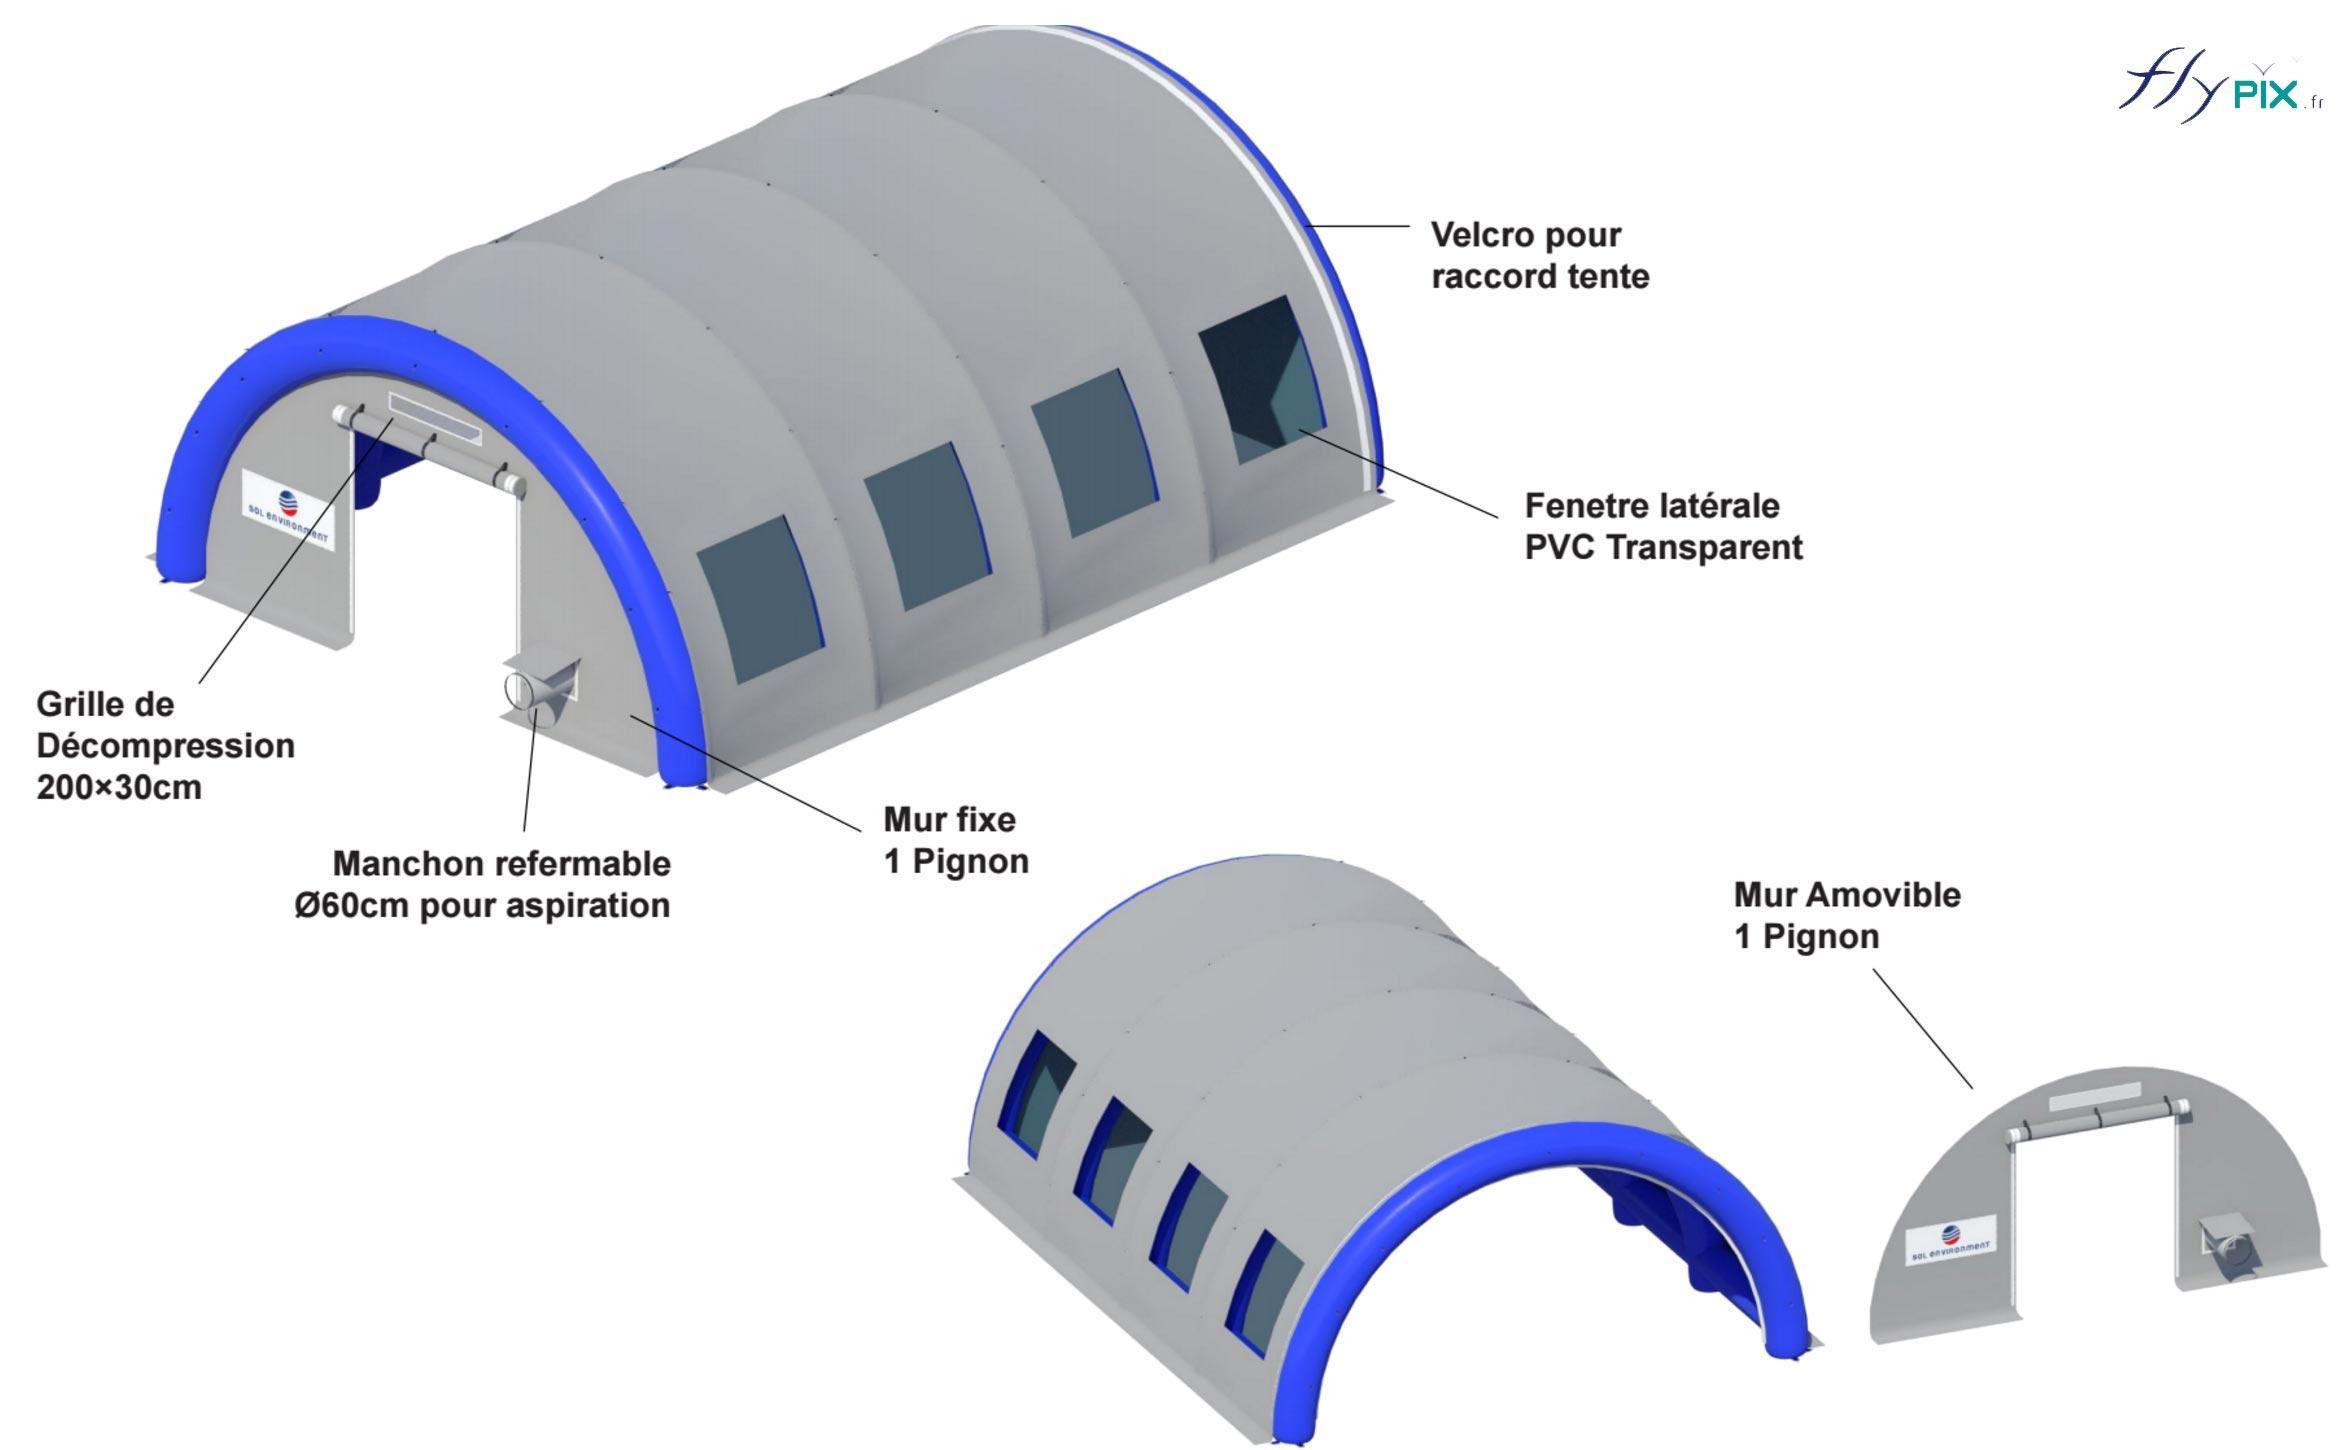 Tente gonflable abri piscine de chantier en forme de tunnel.